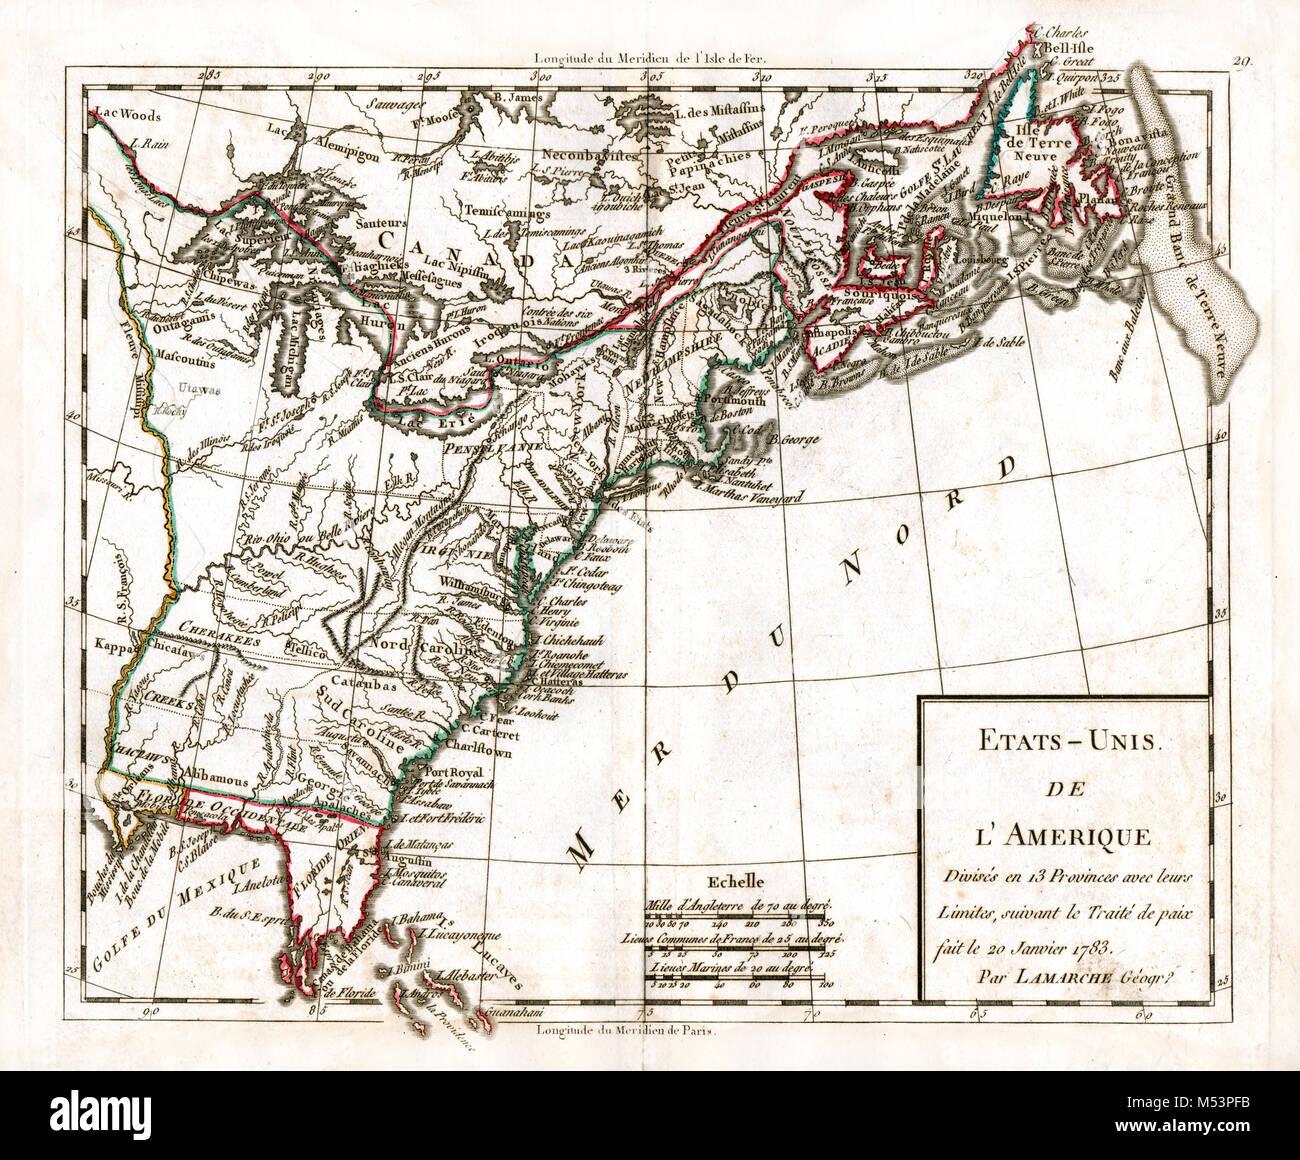 1783 Delamarche Atlas Karte - Vereinigte Staaten von Amerika ...